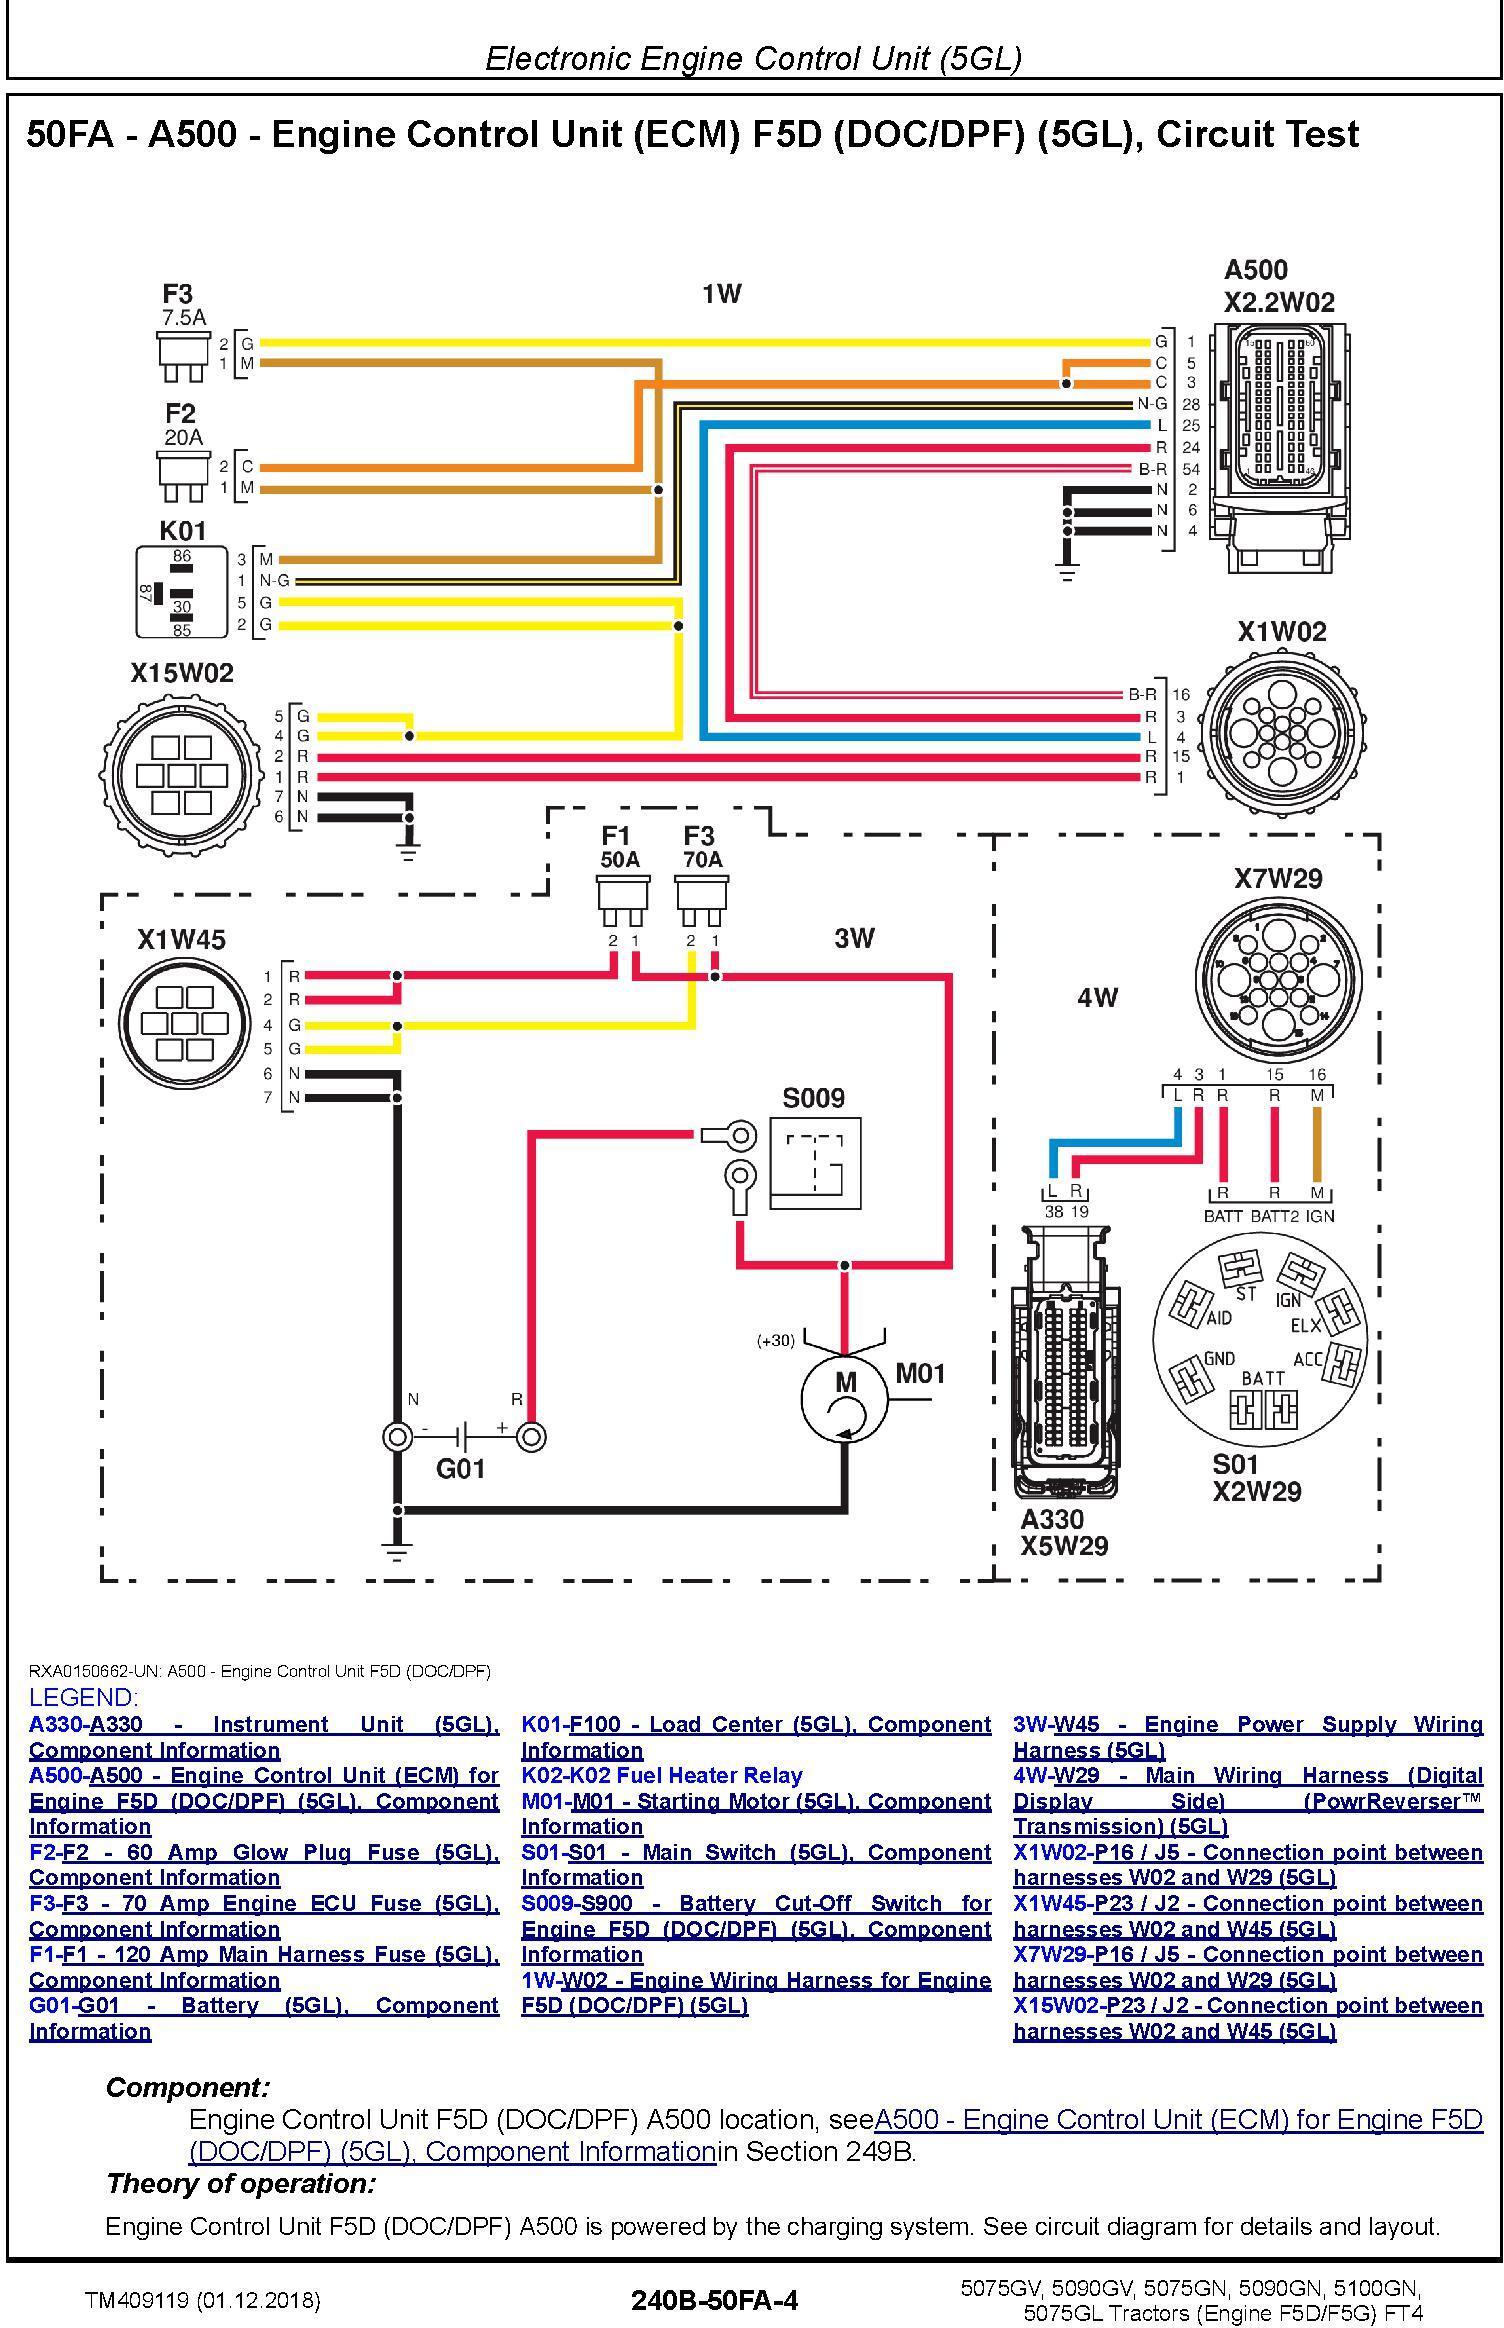 John Deere 5075GV 5090GV 5075GN 5090GN 5100GN 5075GL MY2016-19 Tractors Diagnostic Manual (TM409119) - 2